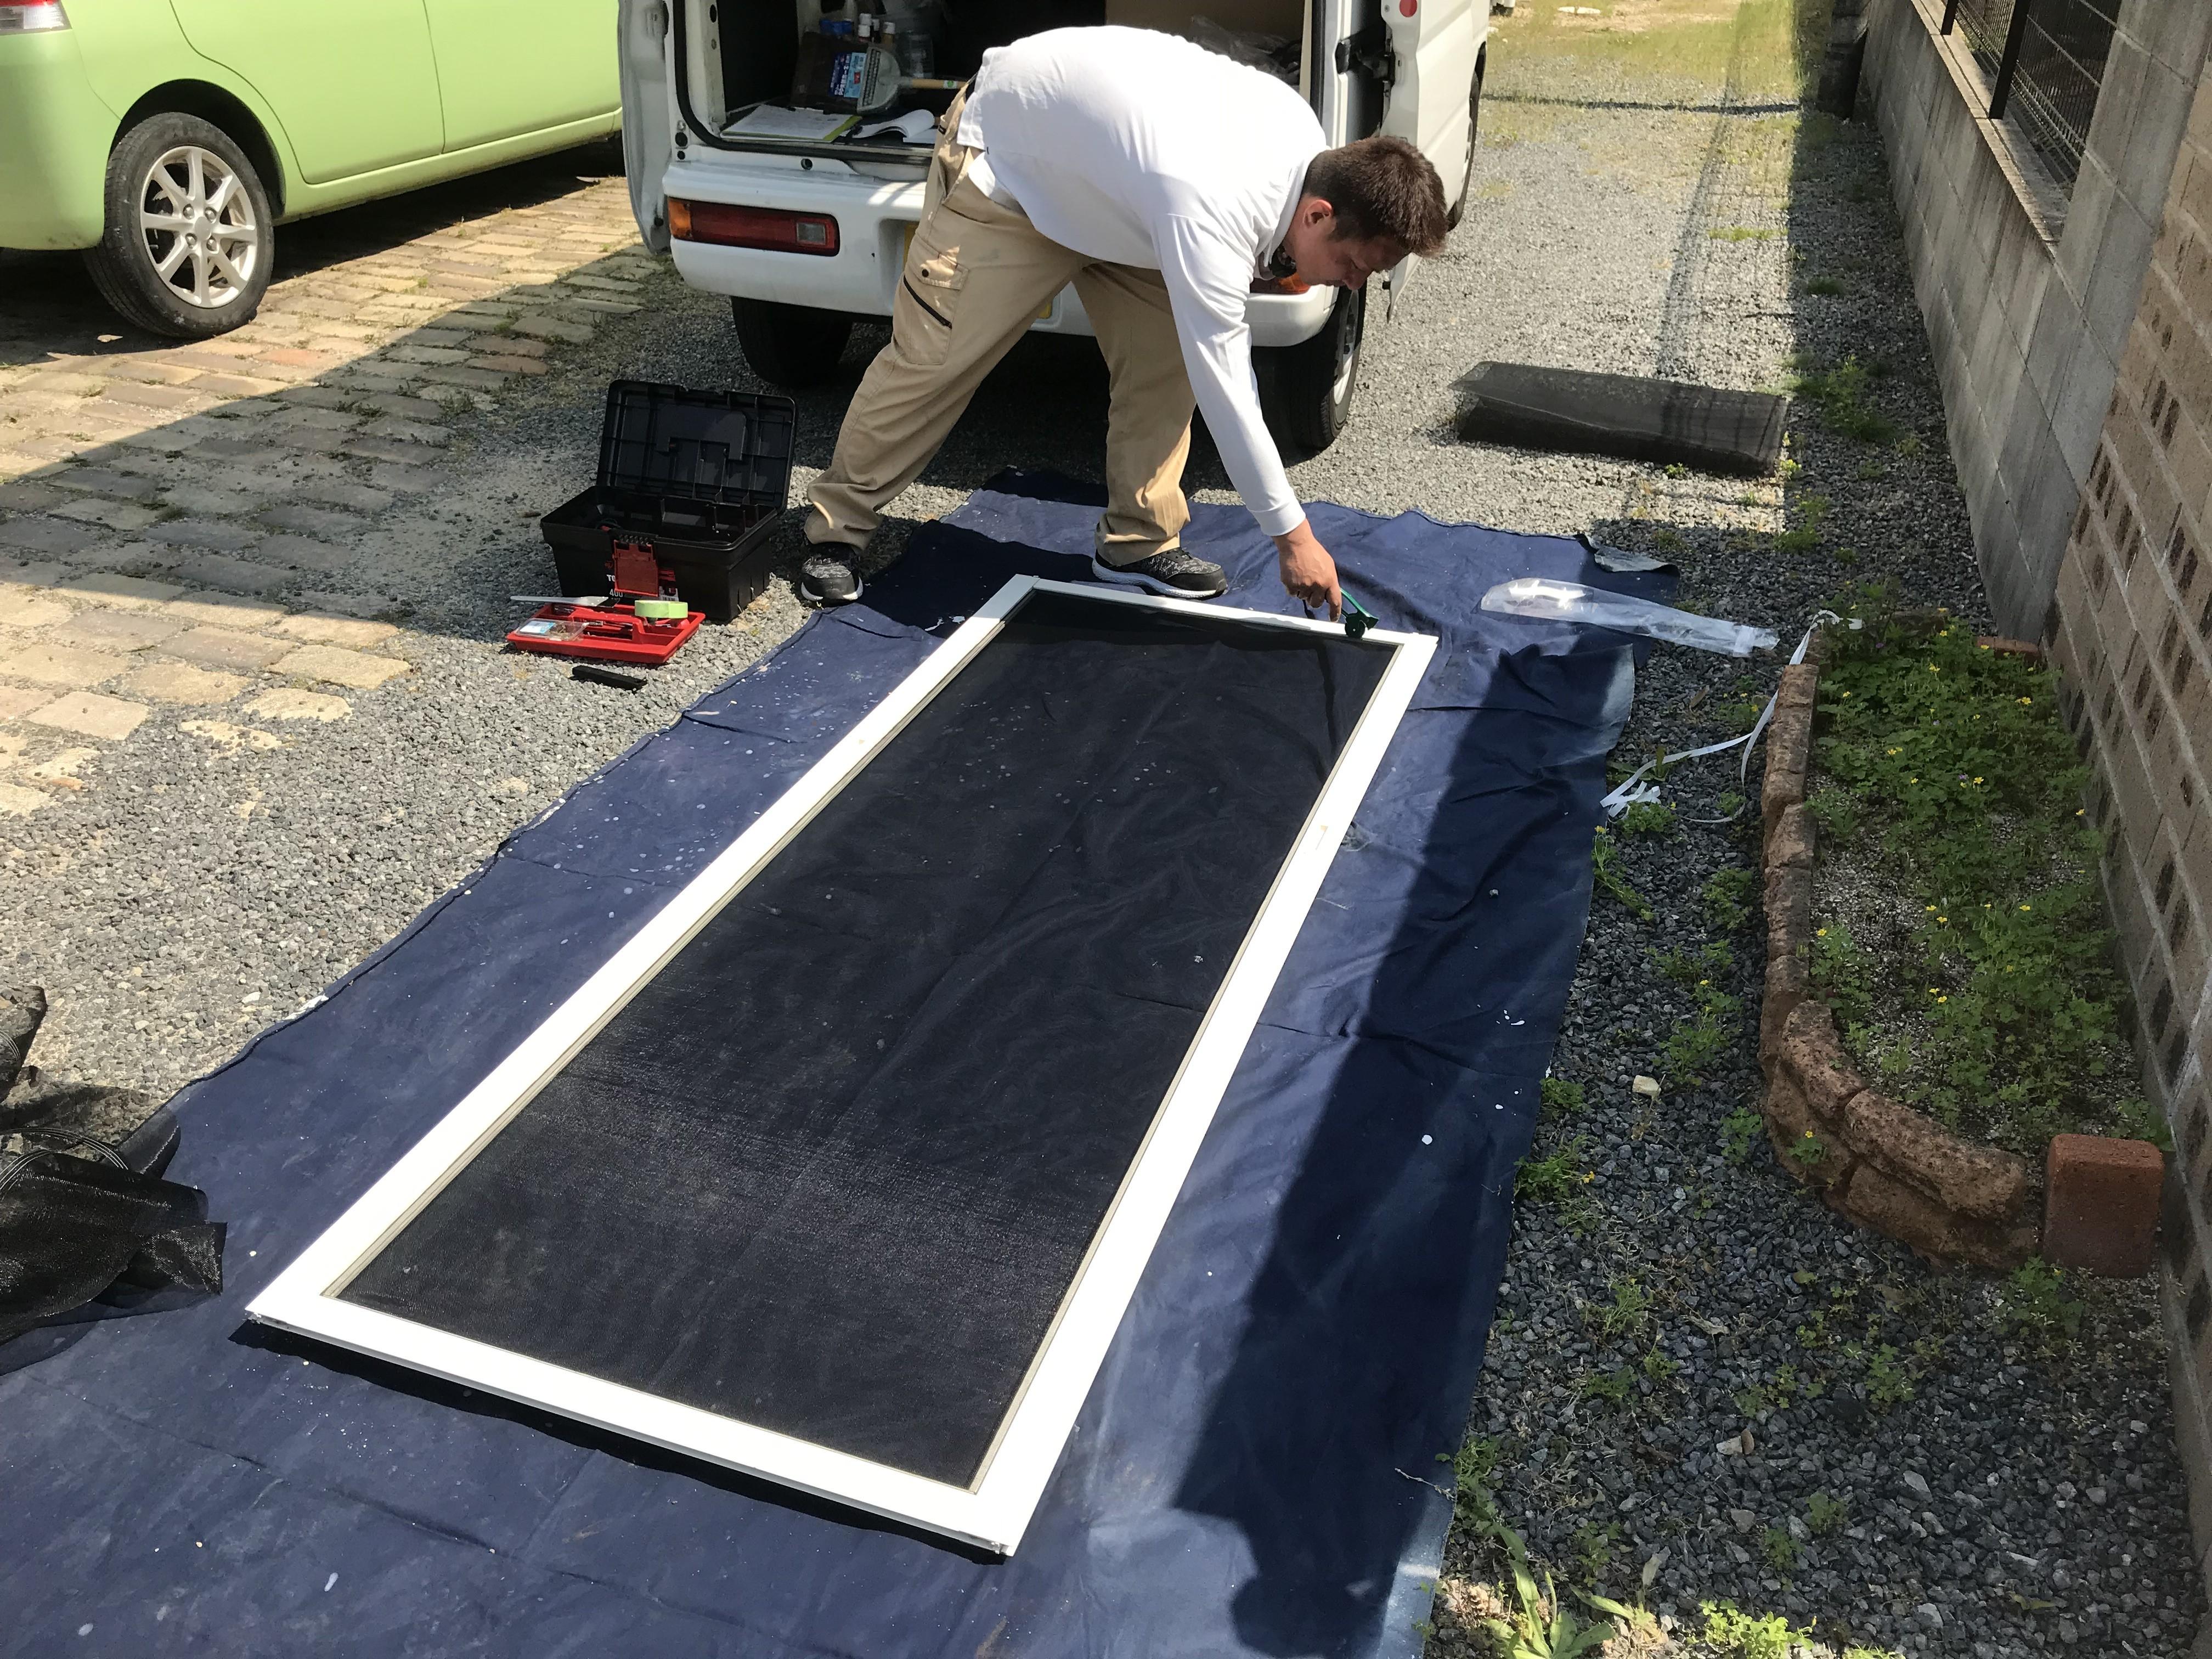 岡山 早島 倉敷 外壁塗装 屋根塗装 リフォーム にこぺいんと